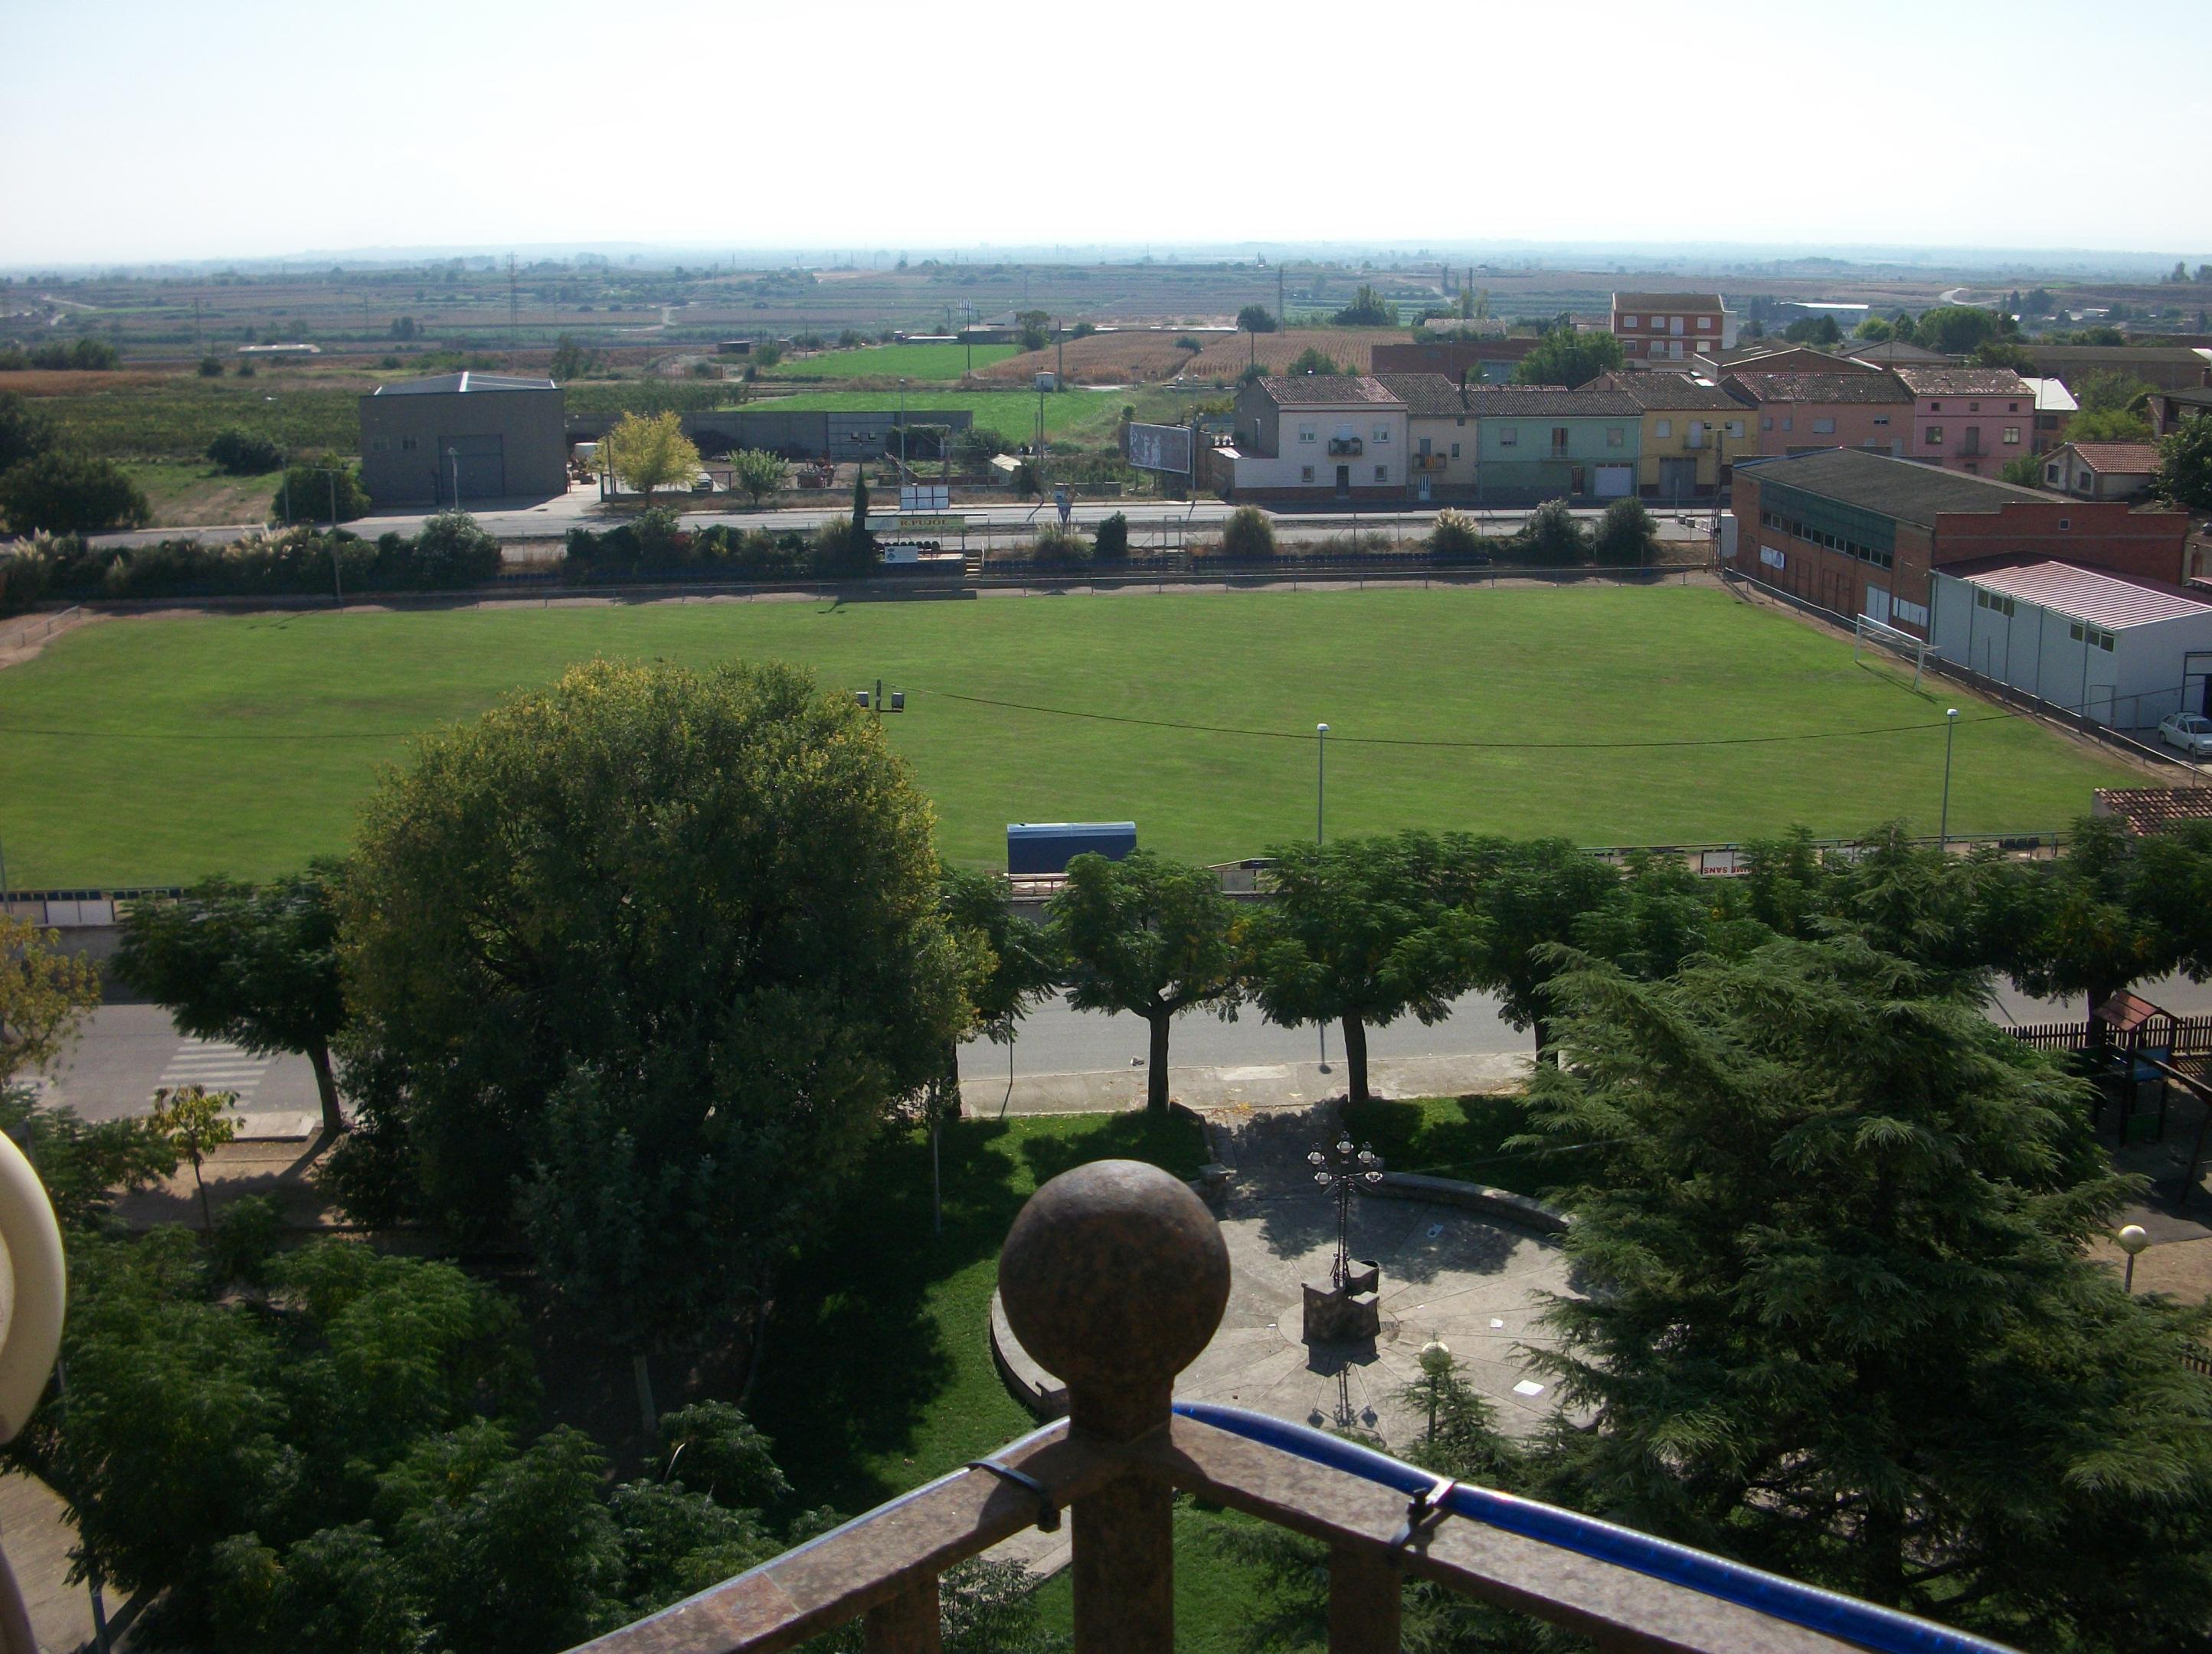 Club de Futbol Vilanova de la Barca